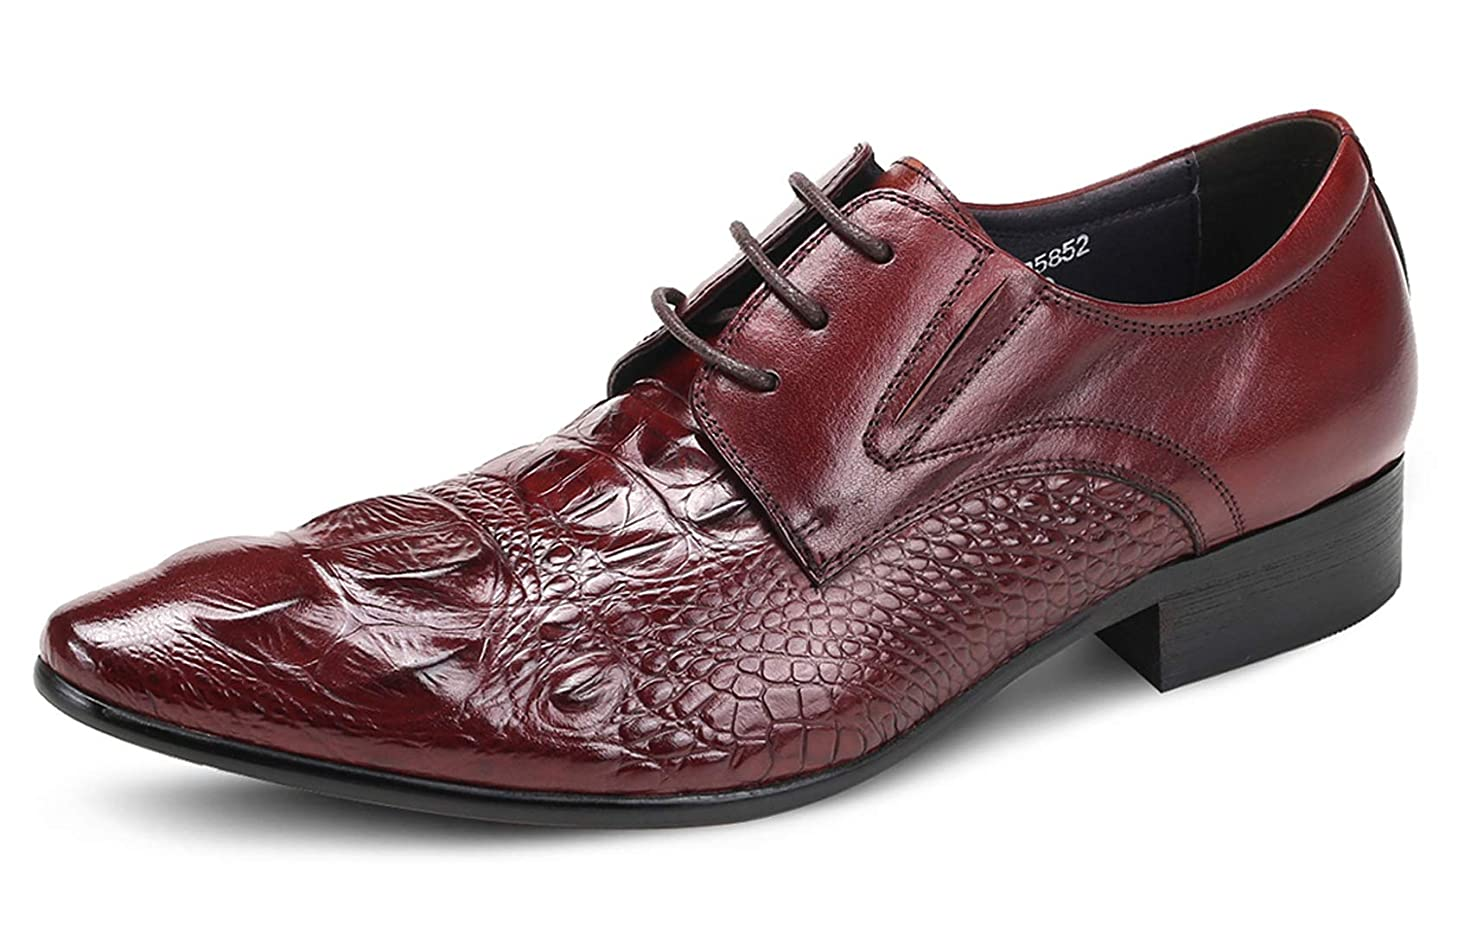 Men's Dress Shoes,Oxford Shoes,Casual Shoes,Black Shoes,Wine Red Shoes,Dress Shoes for Men